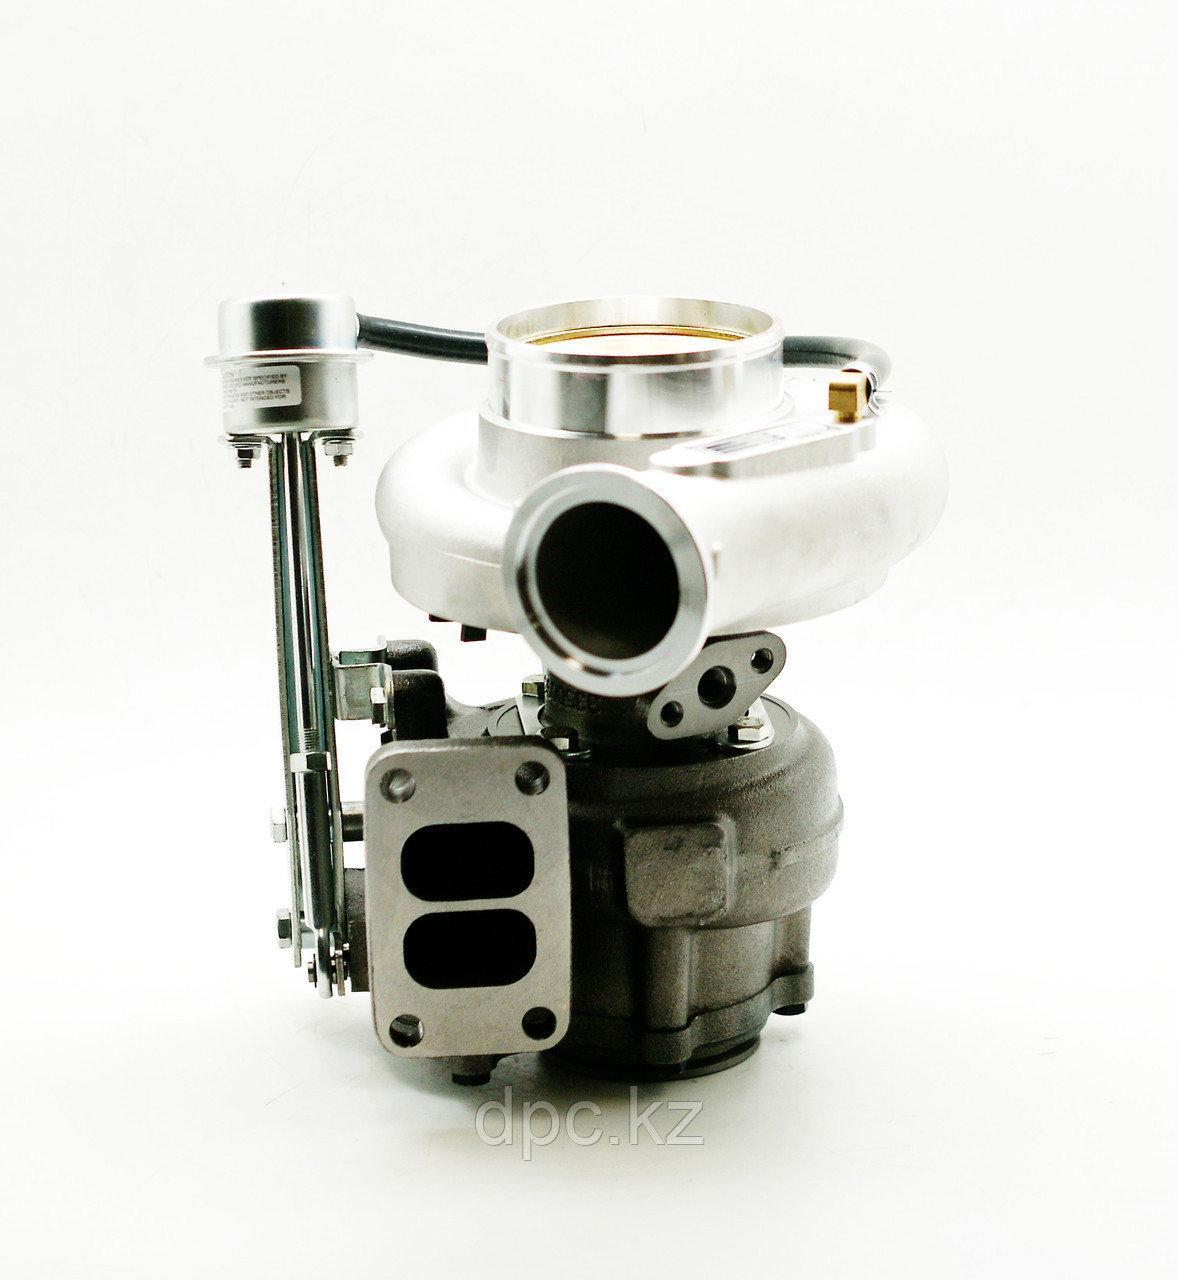 Турбокомпрессор HX351W FCEC для двигателя Cummins 6ISBe 6.7 4043980 4043982 - фото 2